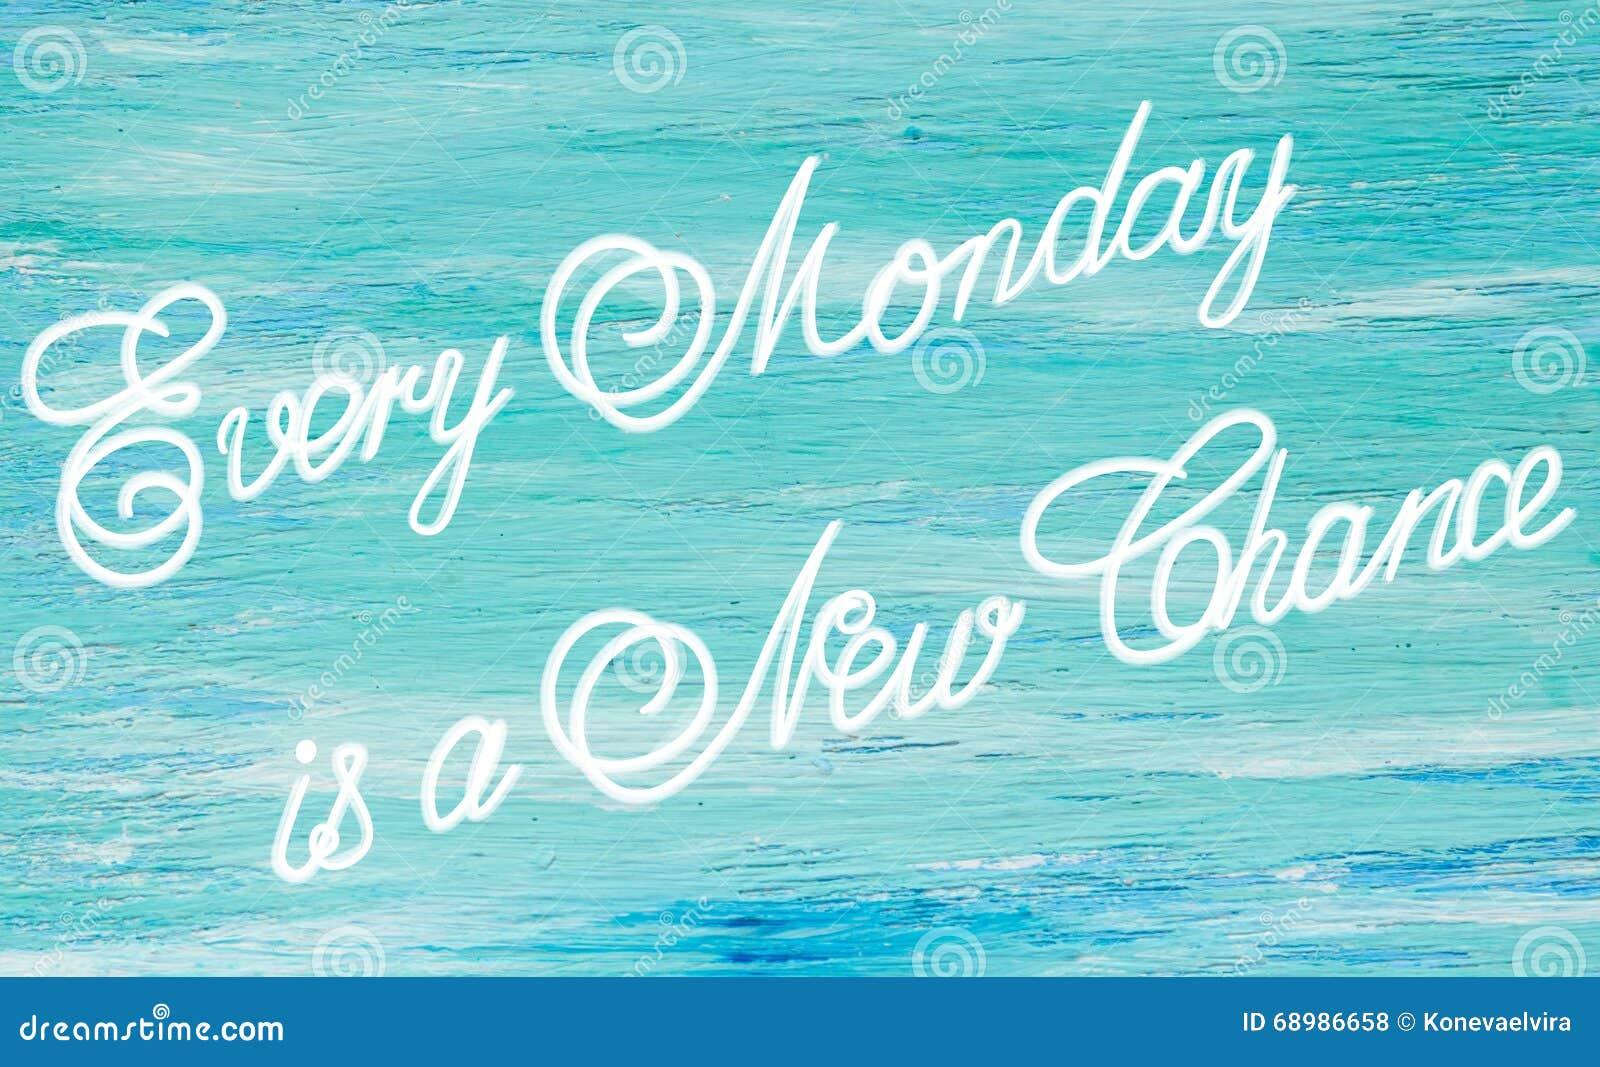 Cada lunes es un nuevo